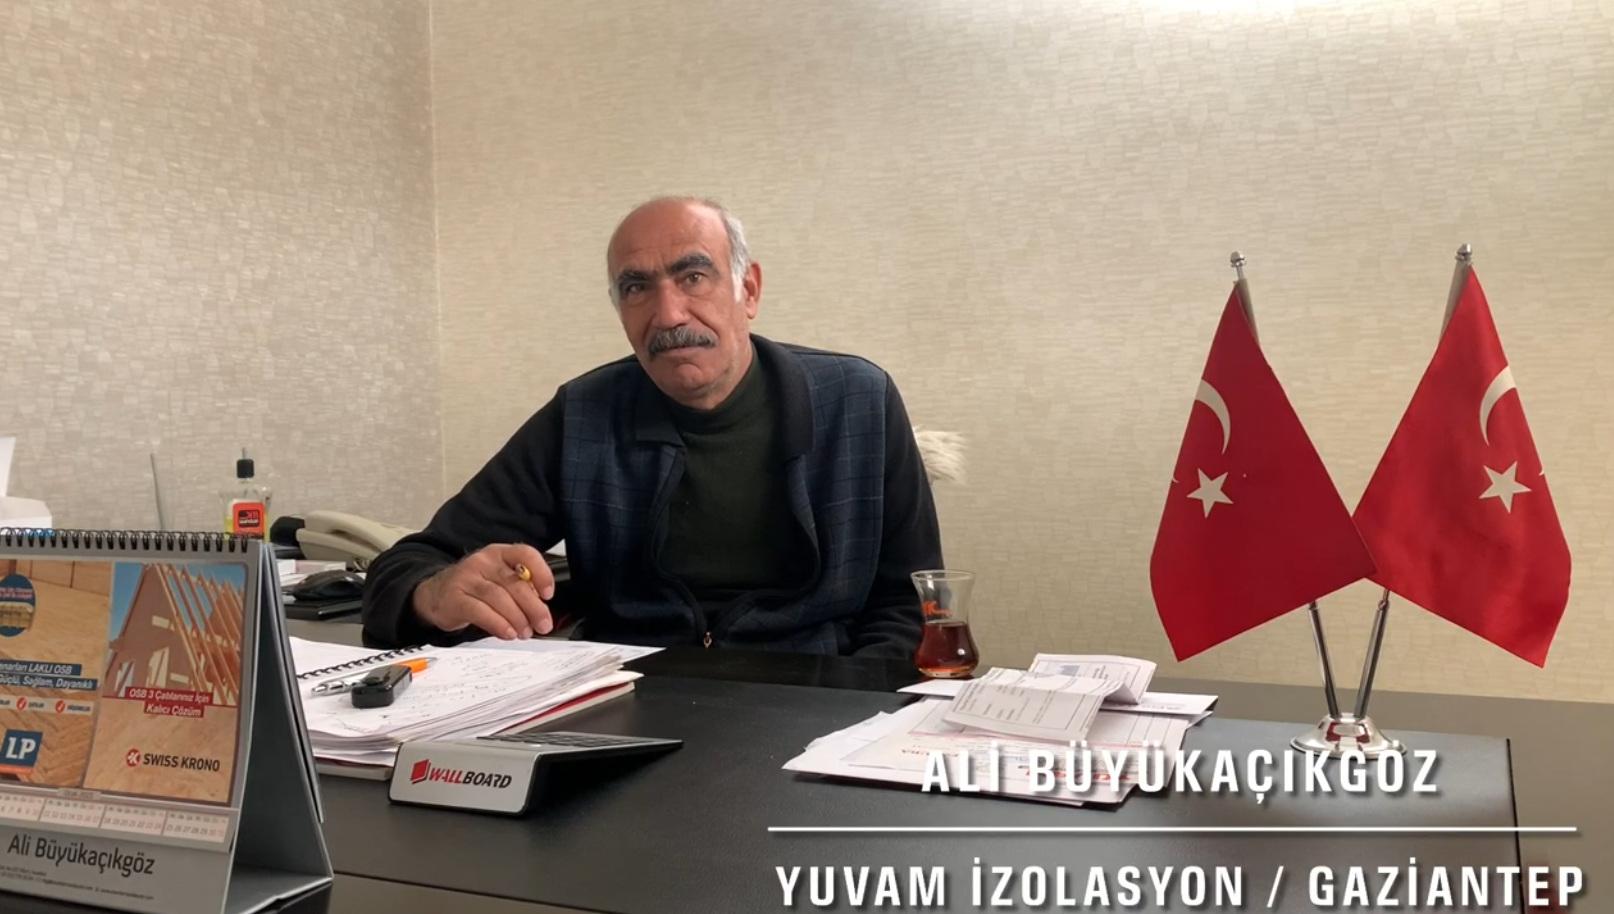 Yuvam İzolasyon Ali Büyükaçıkgöz Röportaj